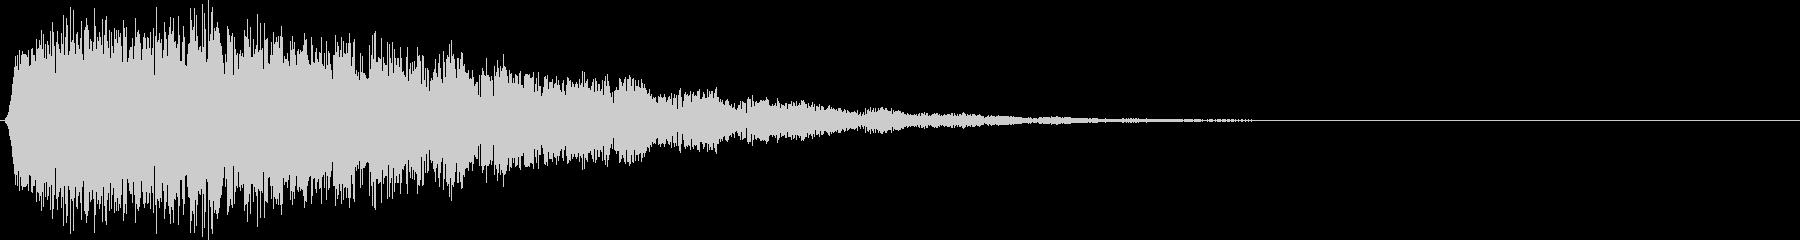 ギュオン。戦慄・驚愕する音の未再生の波形